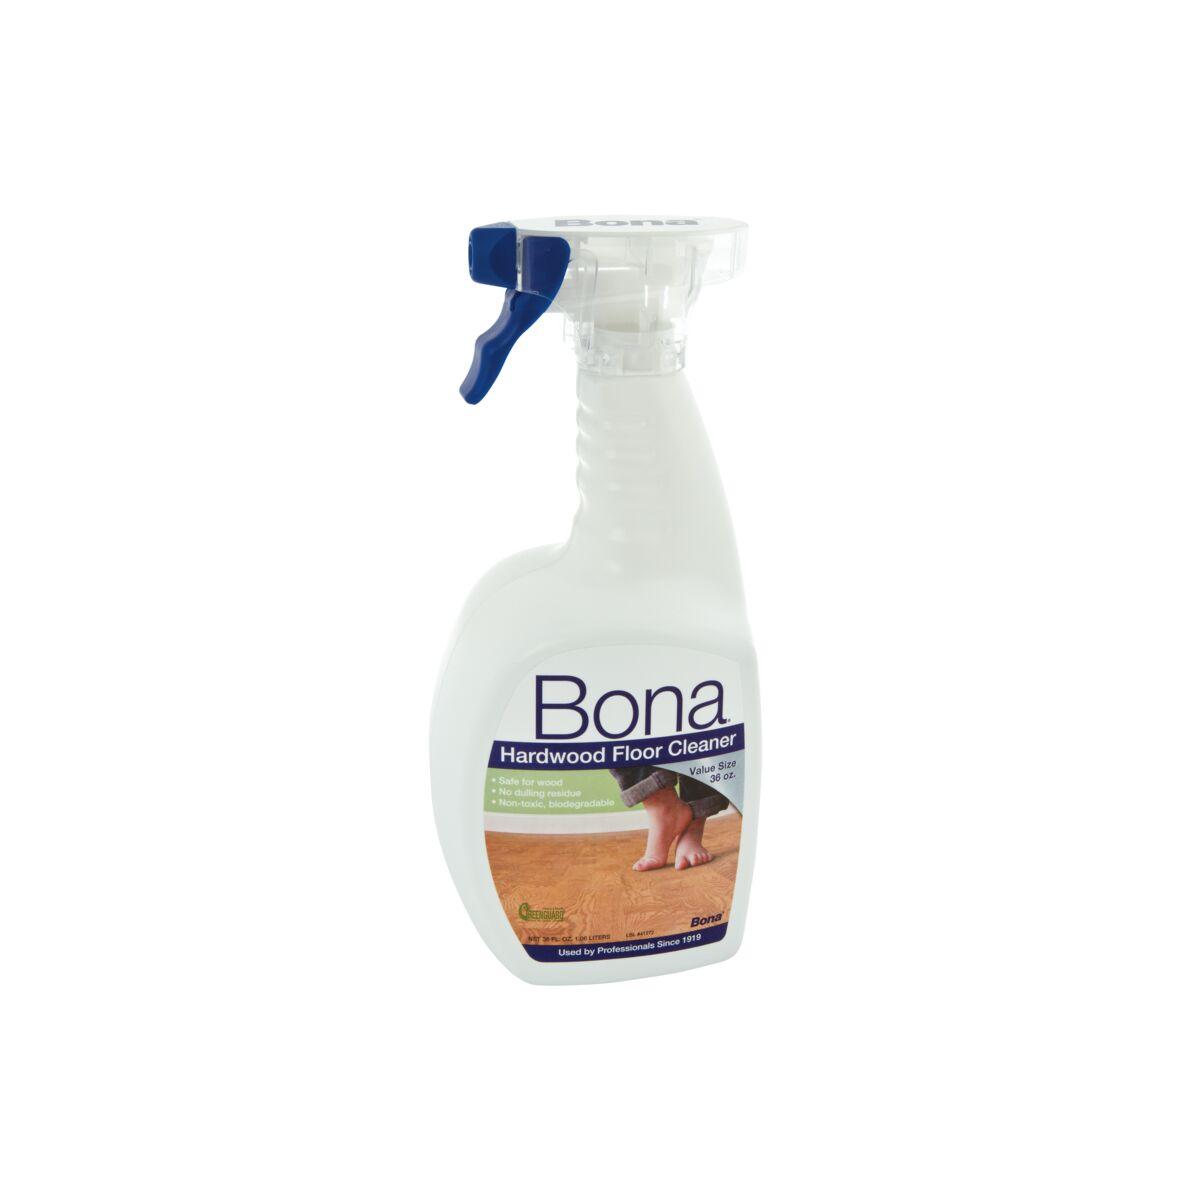 منظف أرضيات خشب 36أونصه Bona العلامات التجارية Saco Store